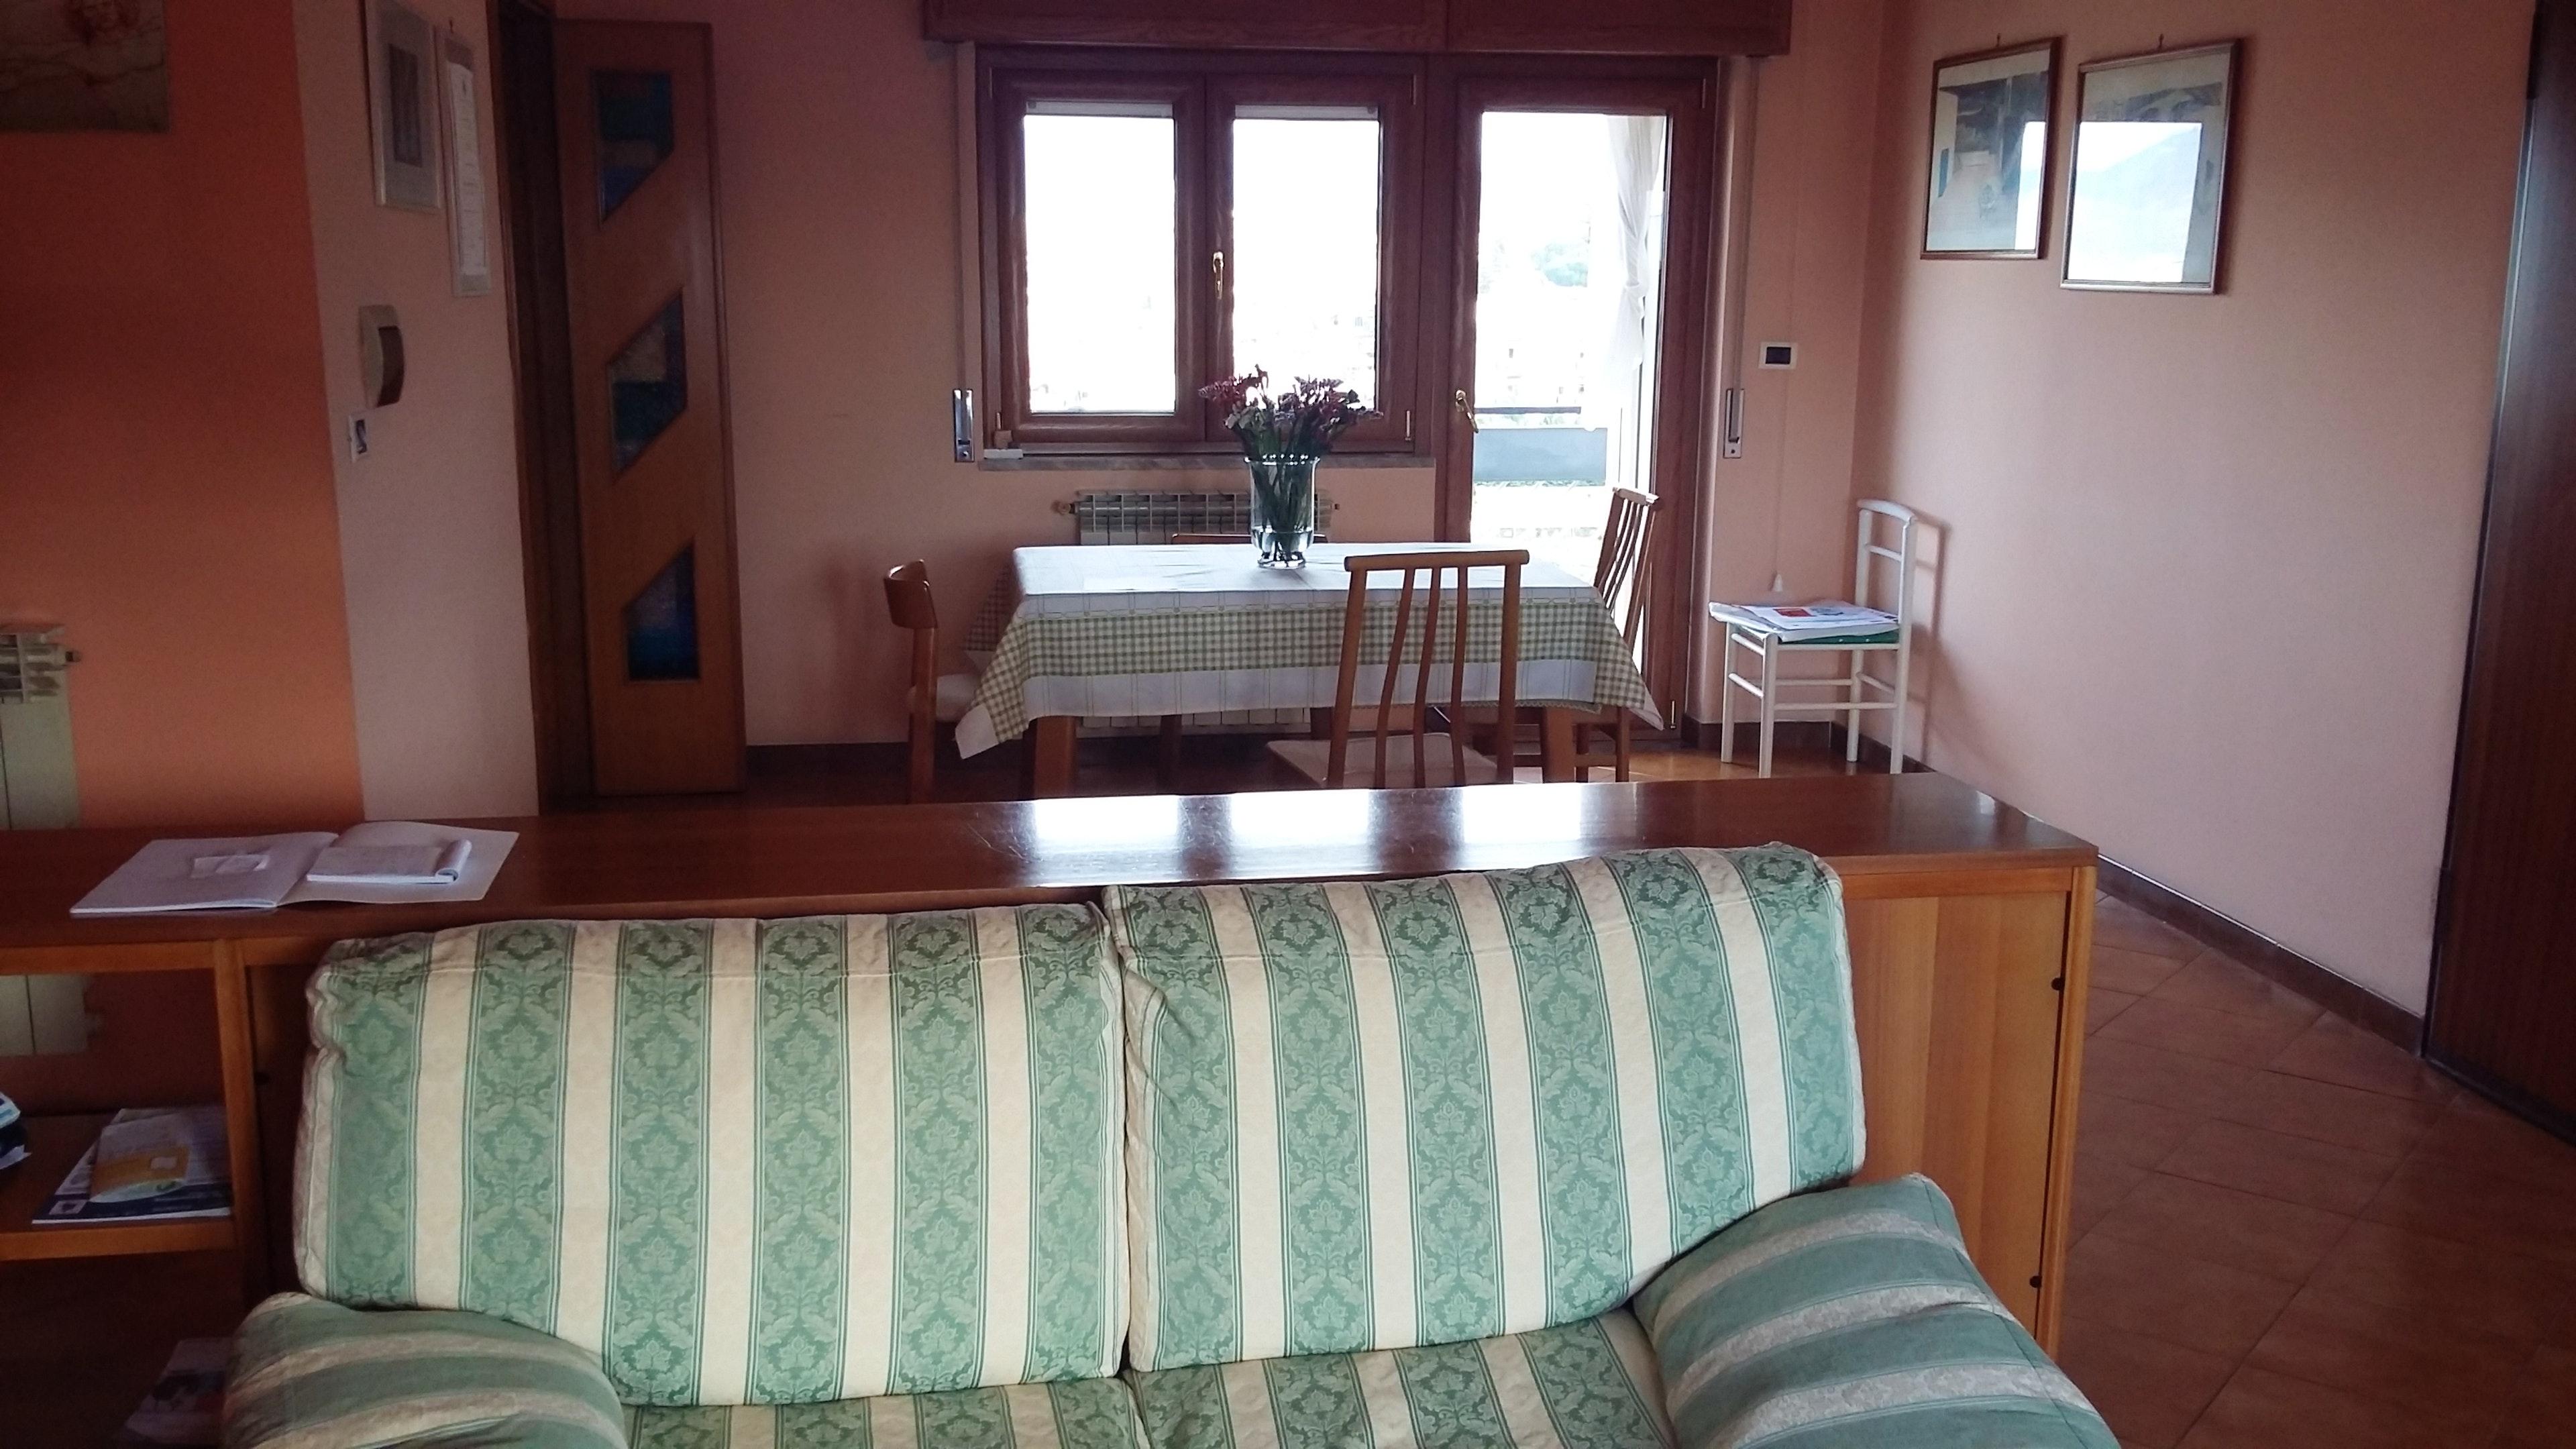 Ferienwohnung Wohnung mit 3 Schlafzimmern in Angri mit schöner Aussicht auf die Stadt und möbliertem Bal (2557376), Angri, Salerno, Kampanien, Italien, Bild 5